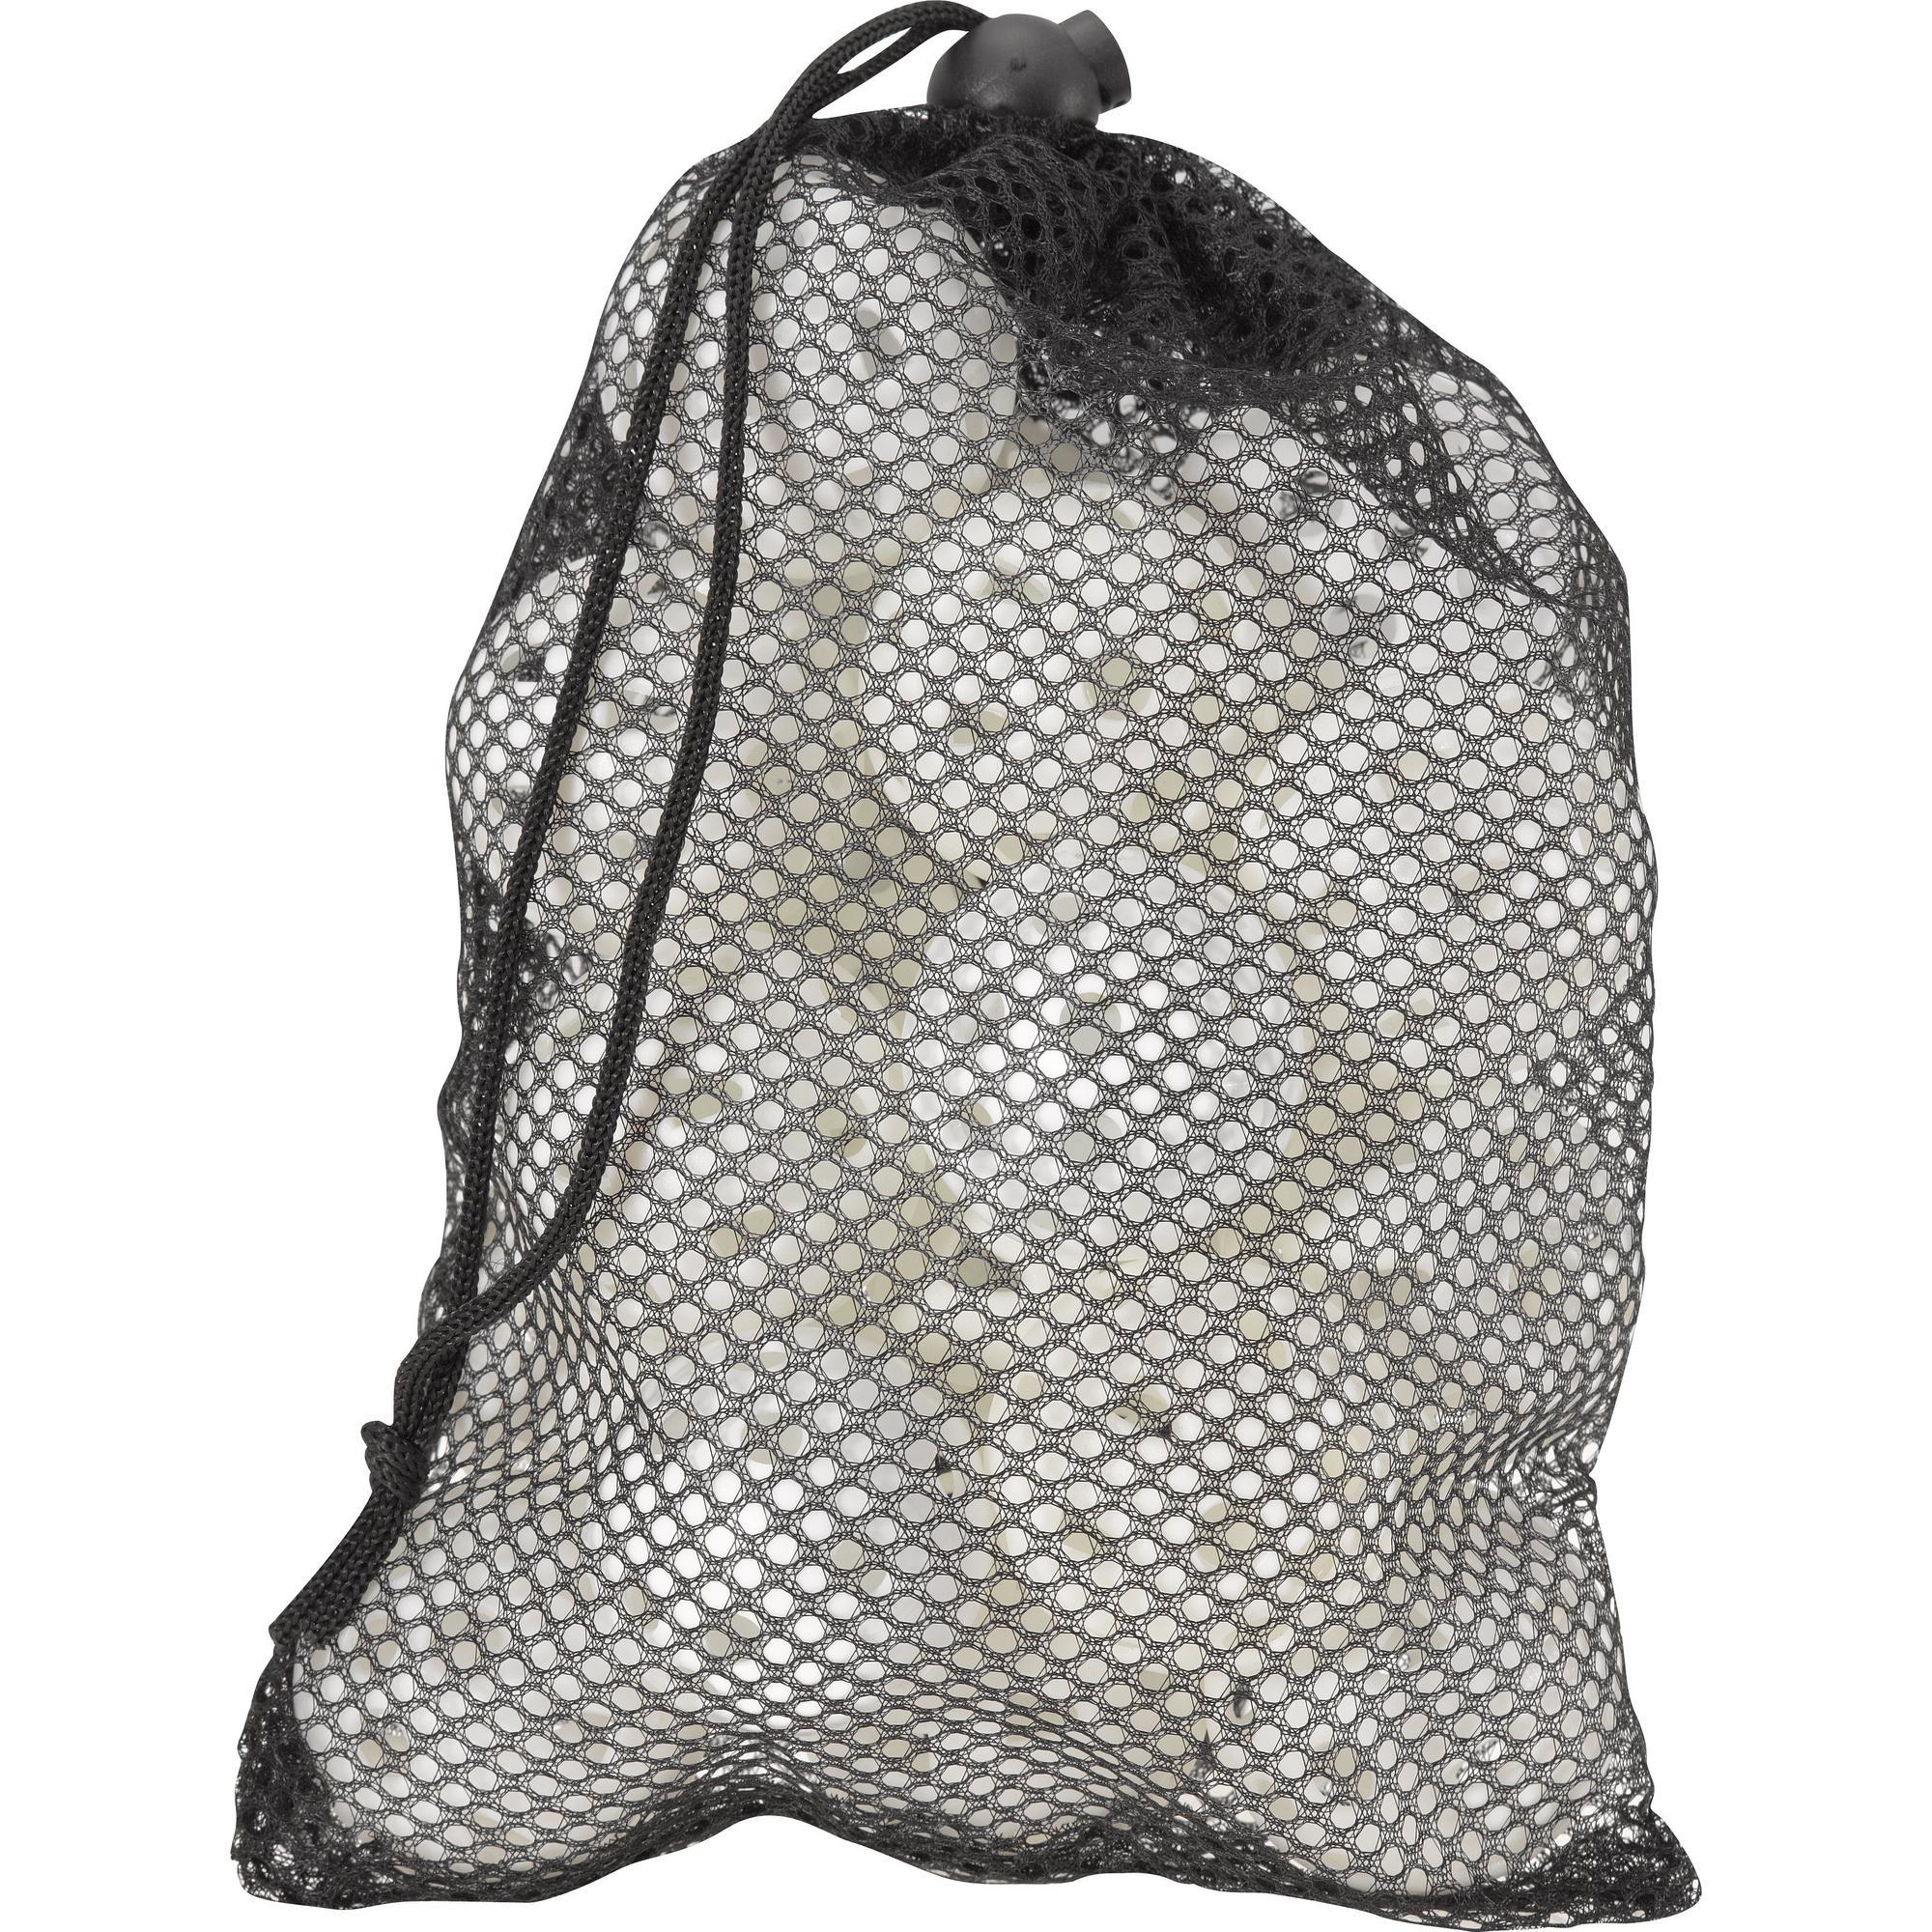 Airflow Practice Balls in Mesh Bag - 18 Count